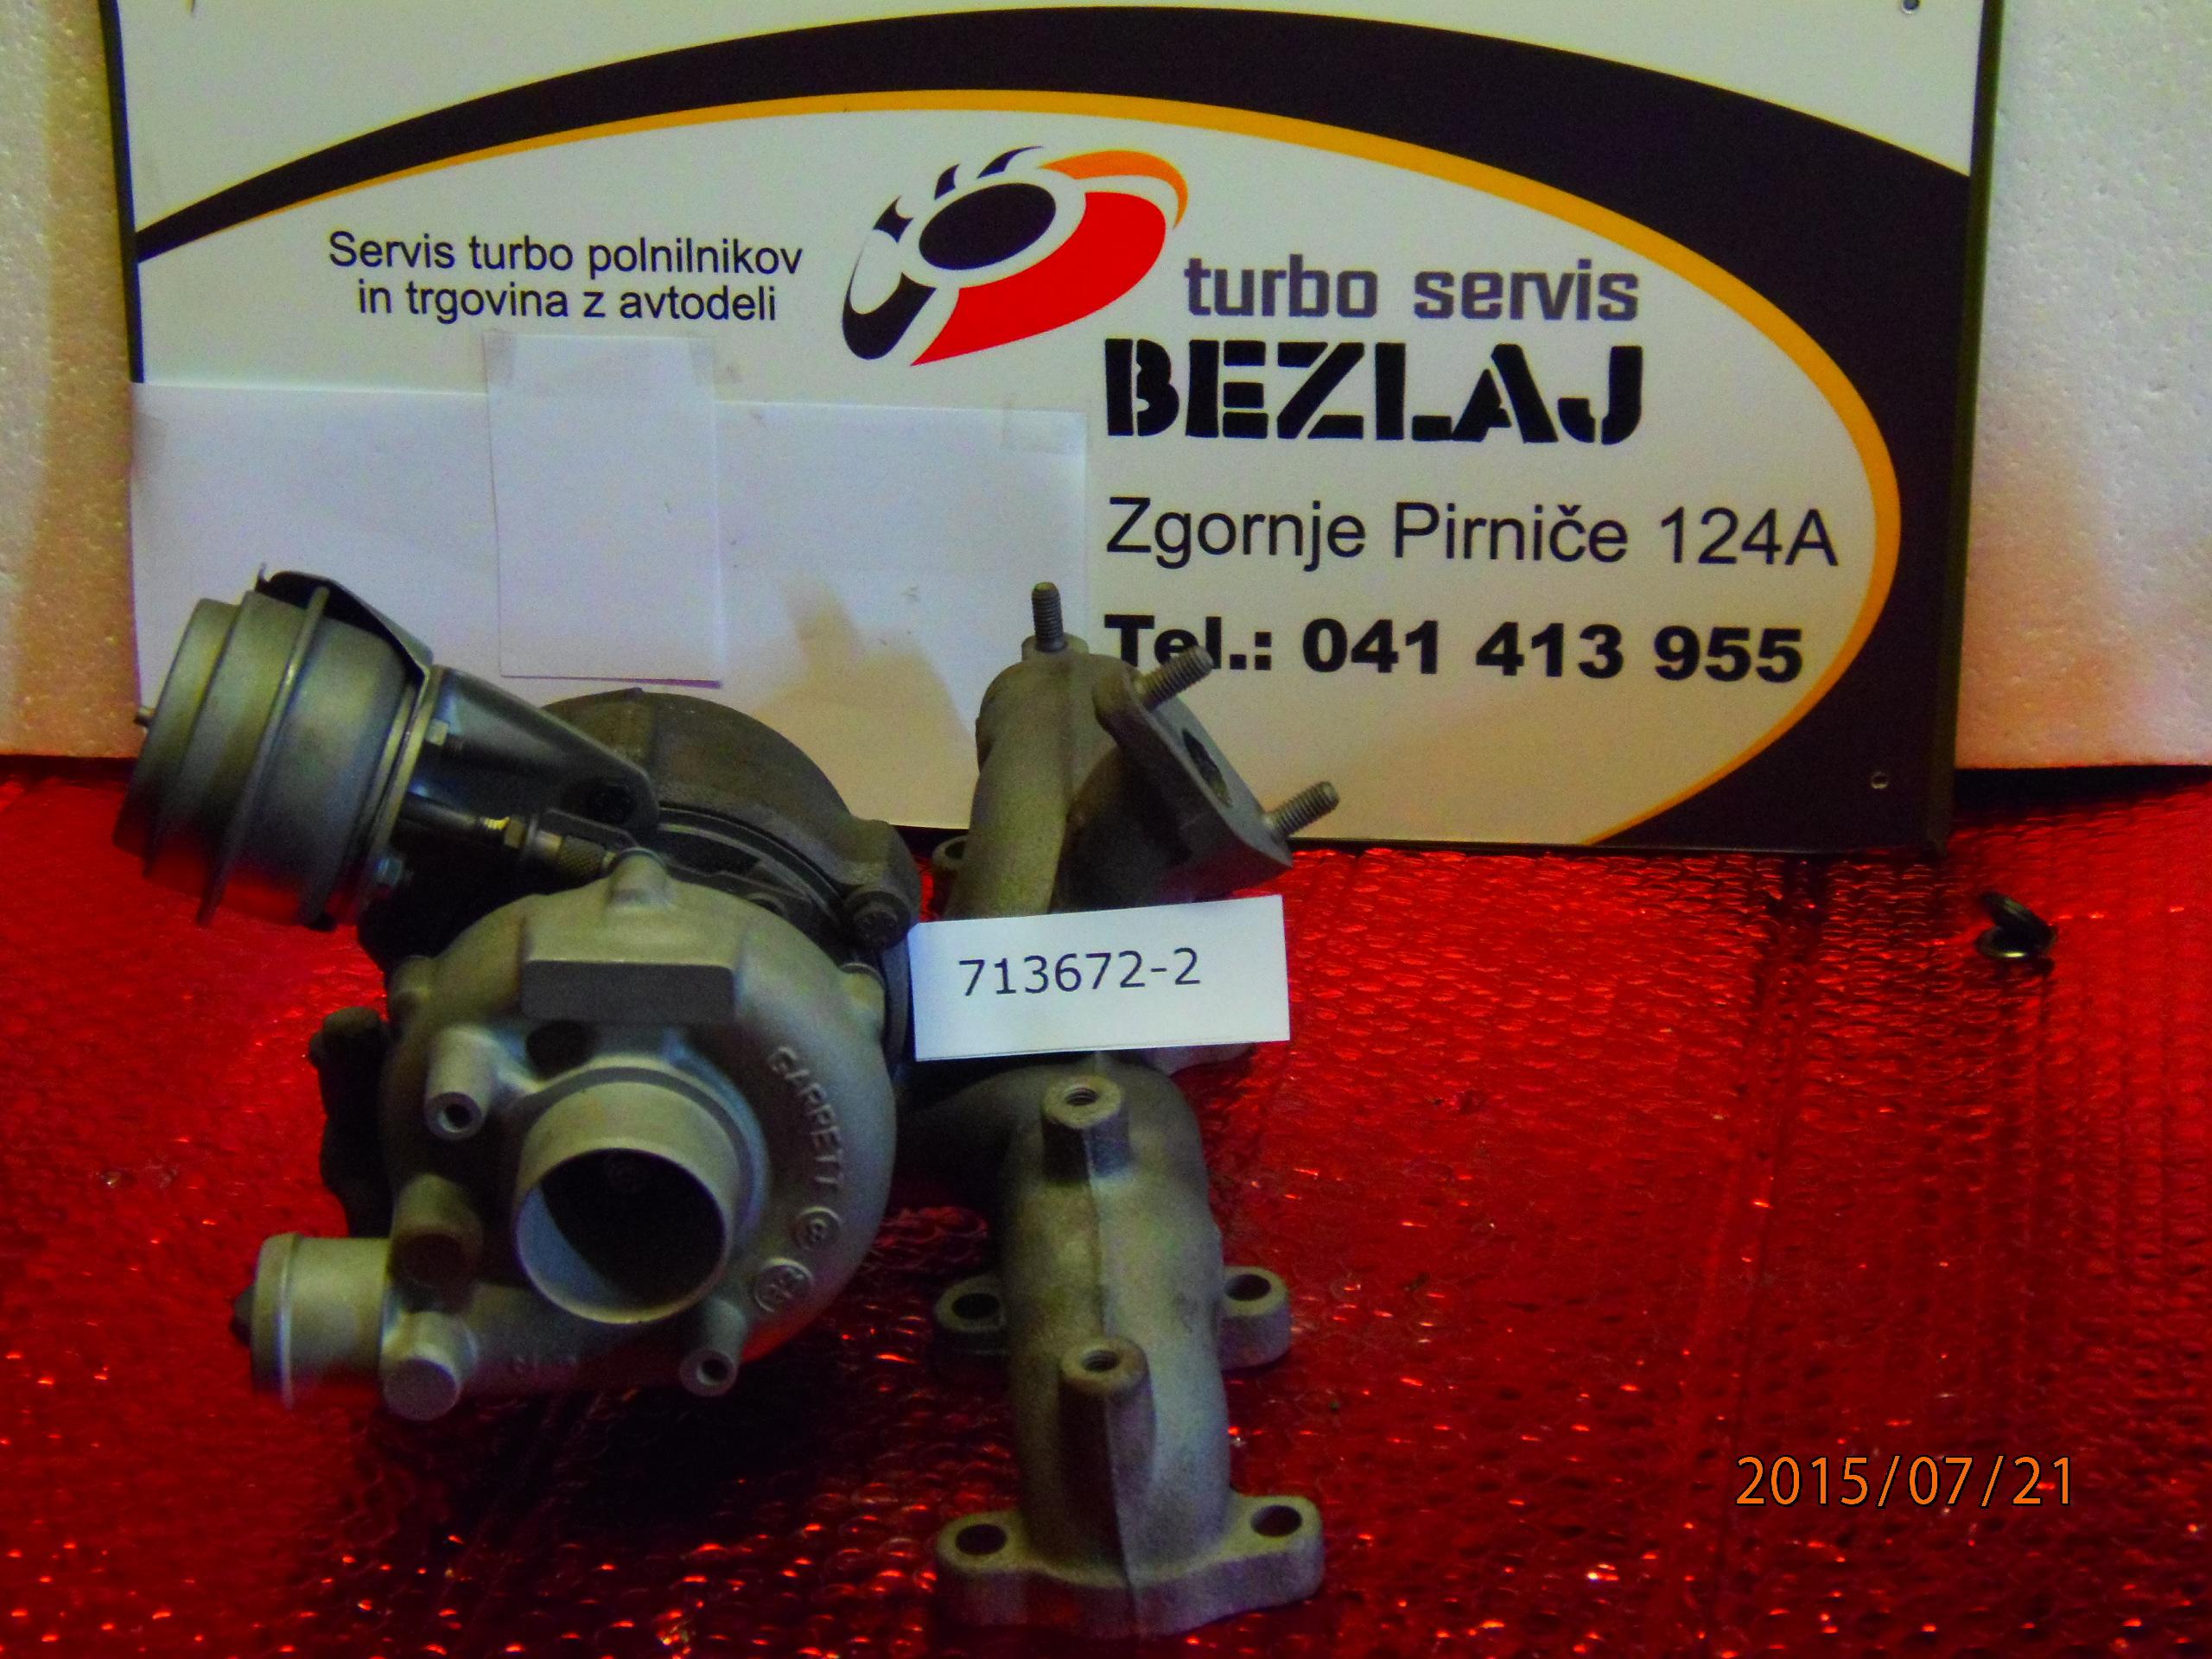 turbo713672-2 (2)